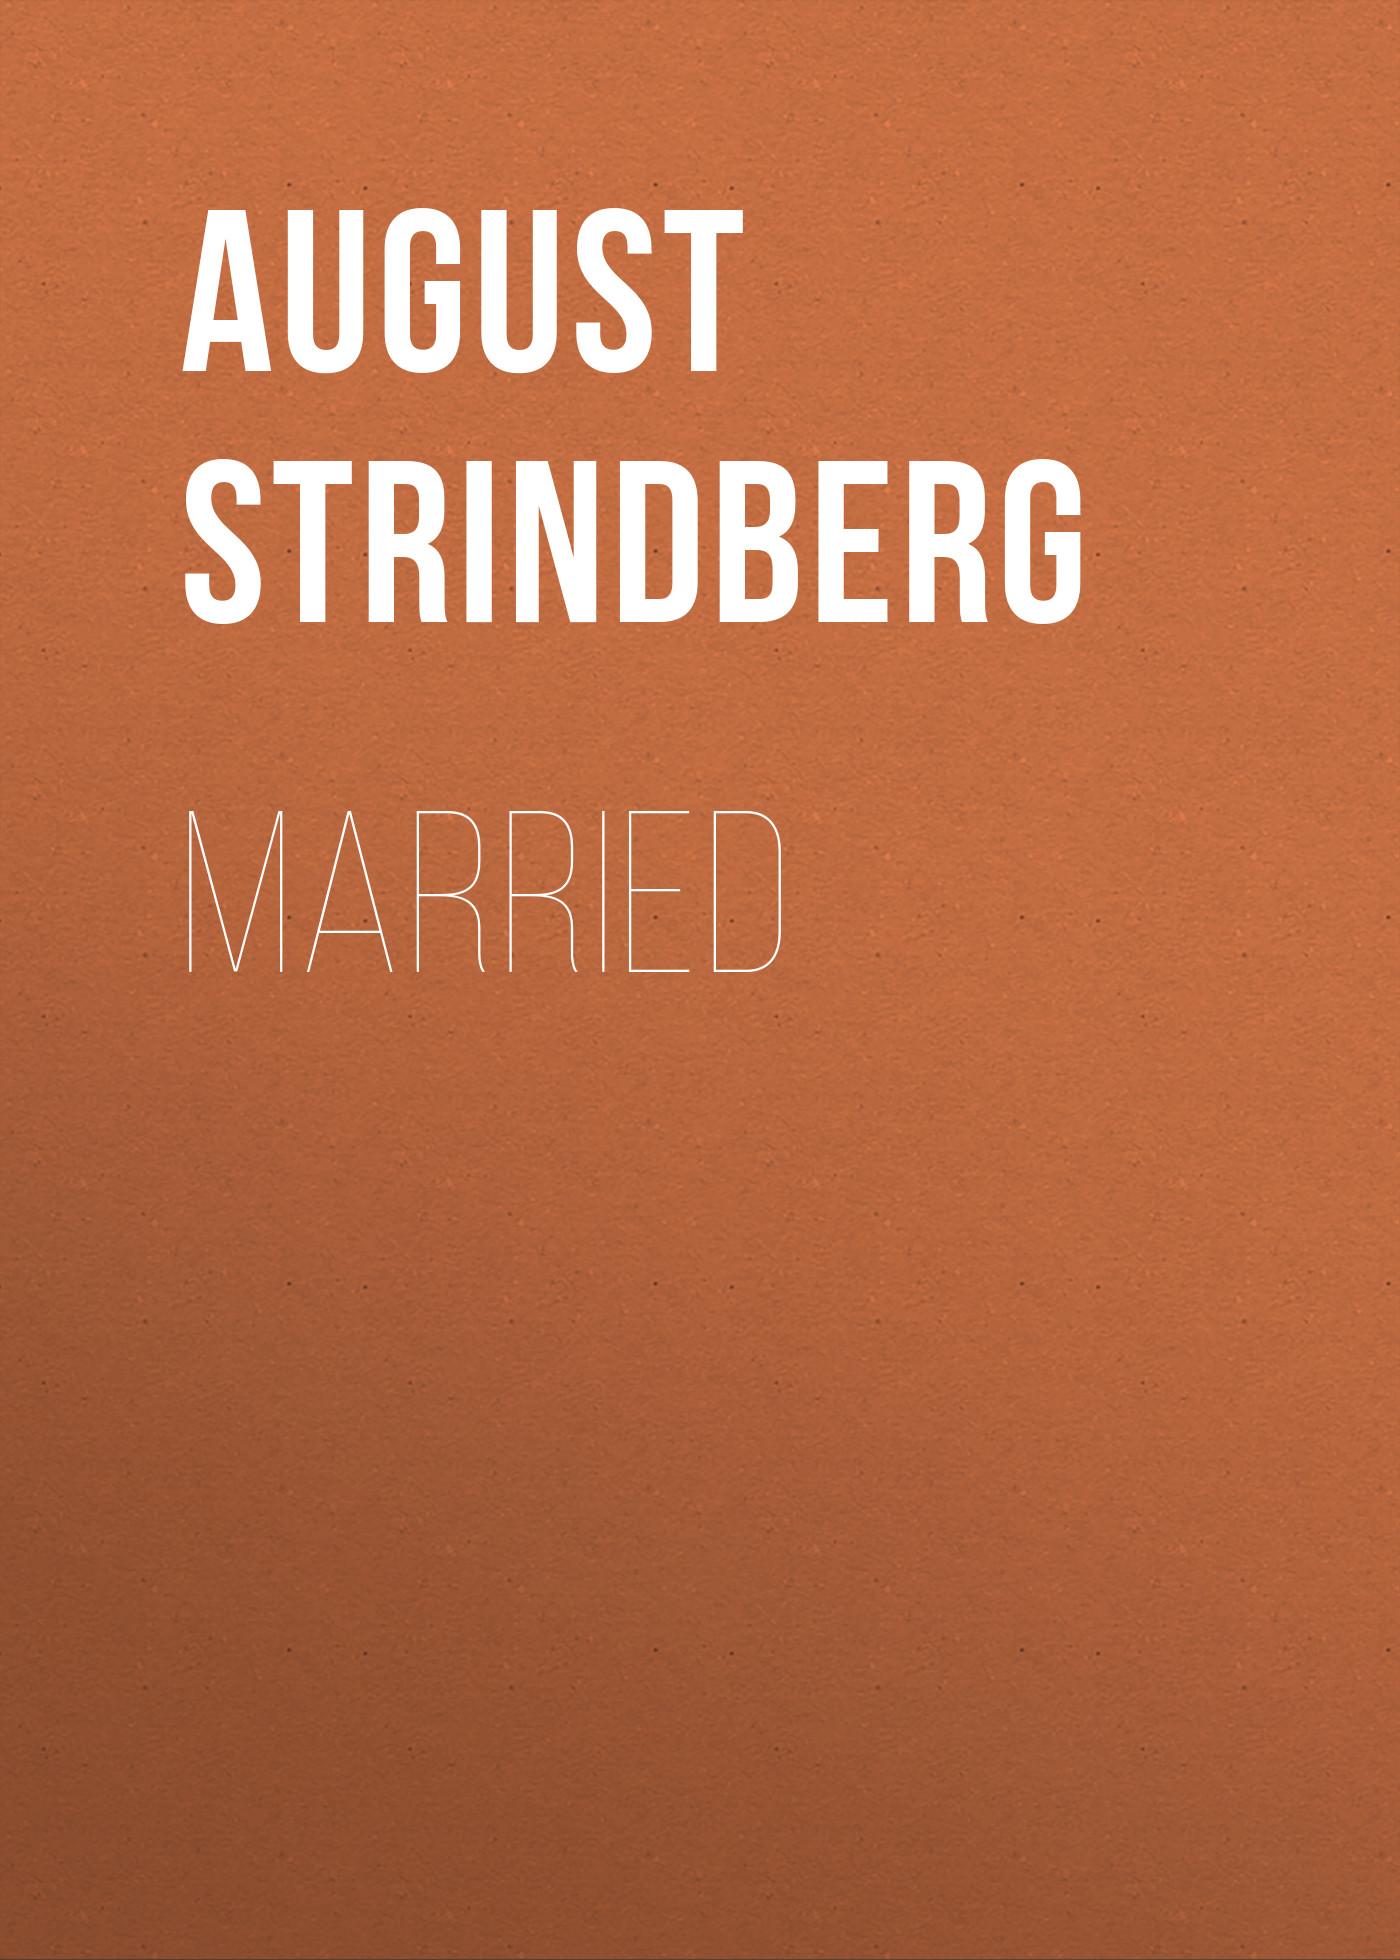 August Strindberg Married august strindberg hullu mehe kaitsekõne sari ajavaim